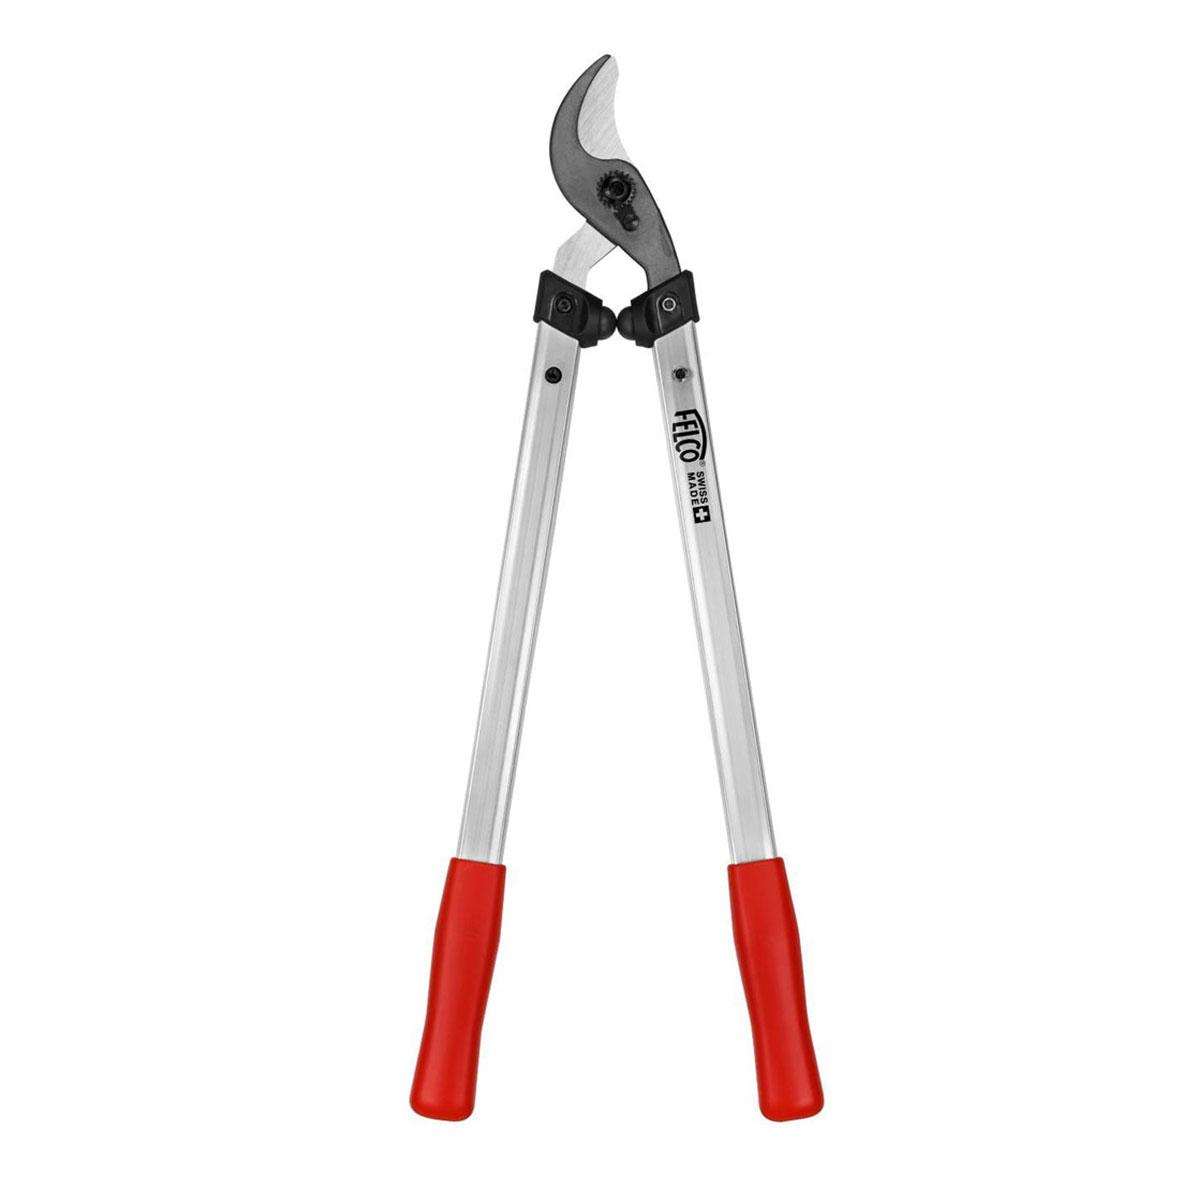 Felco 211-60 grensaks 60cm